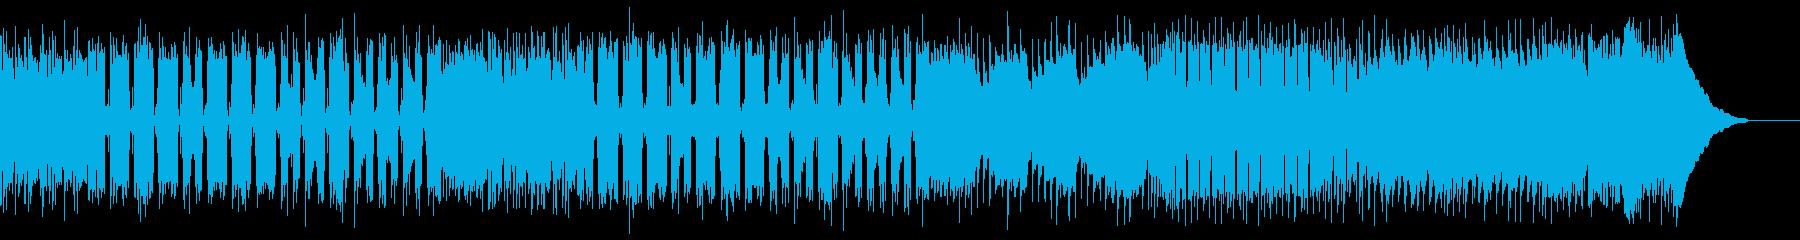 カントリー風マーチングギター01Aの再生済みの波形